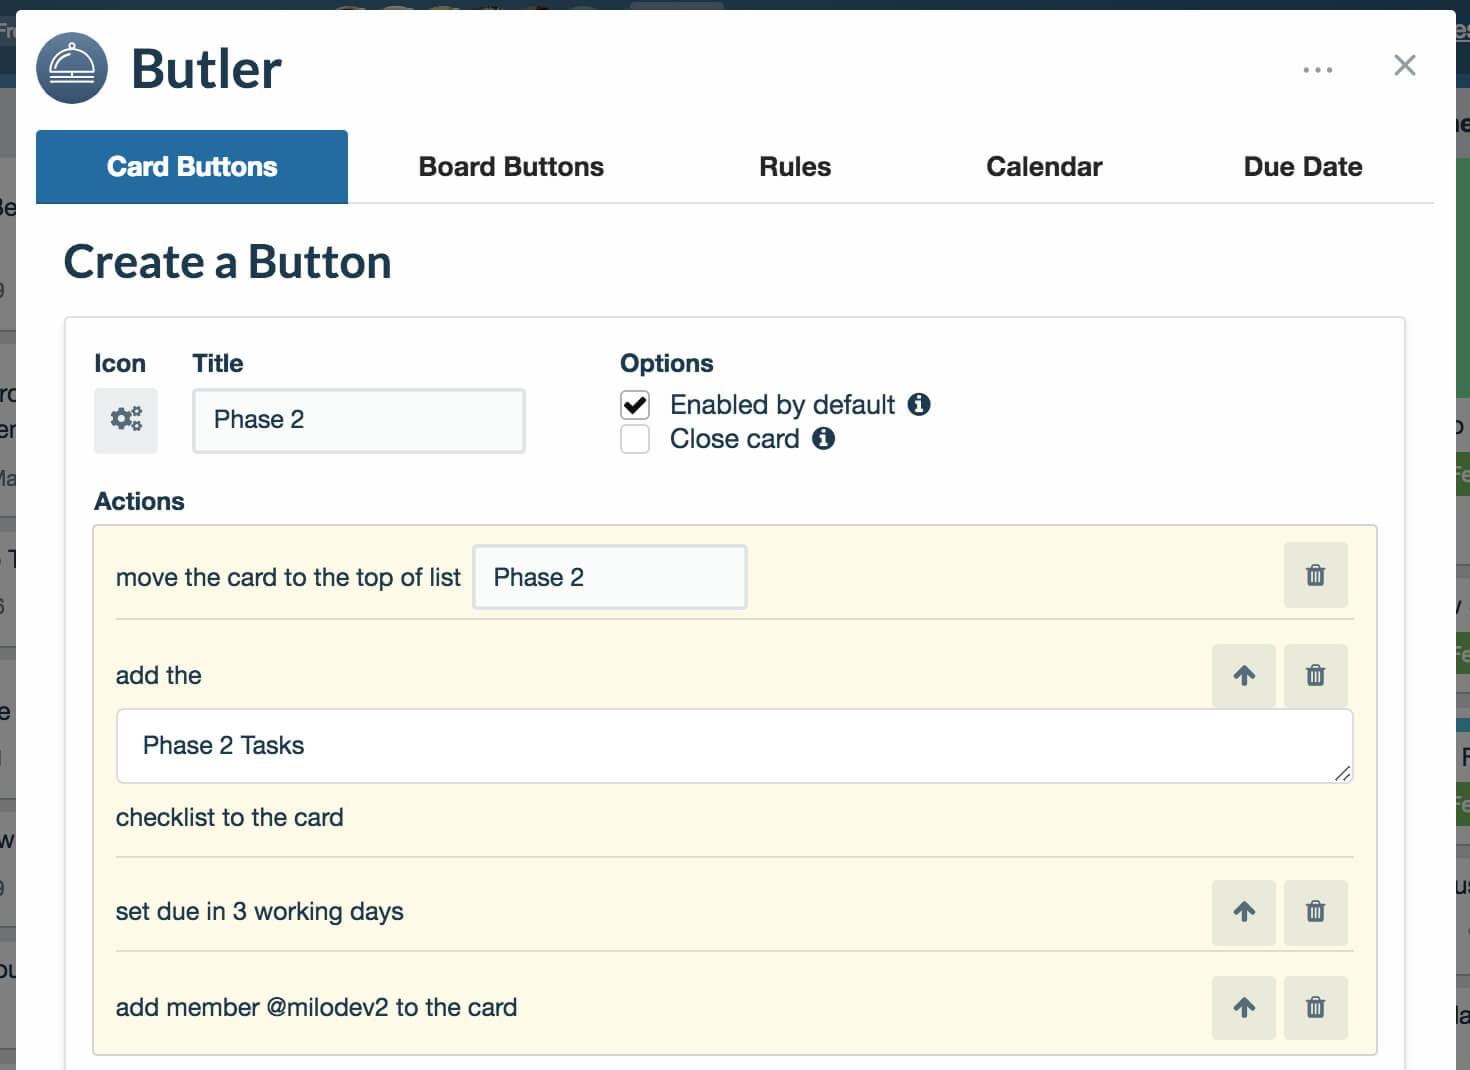 Butler Card Button Setup